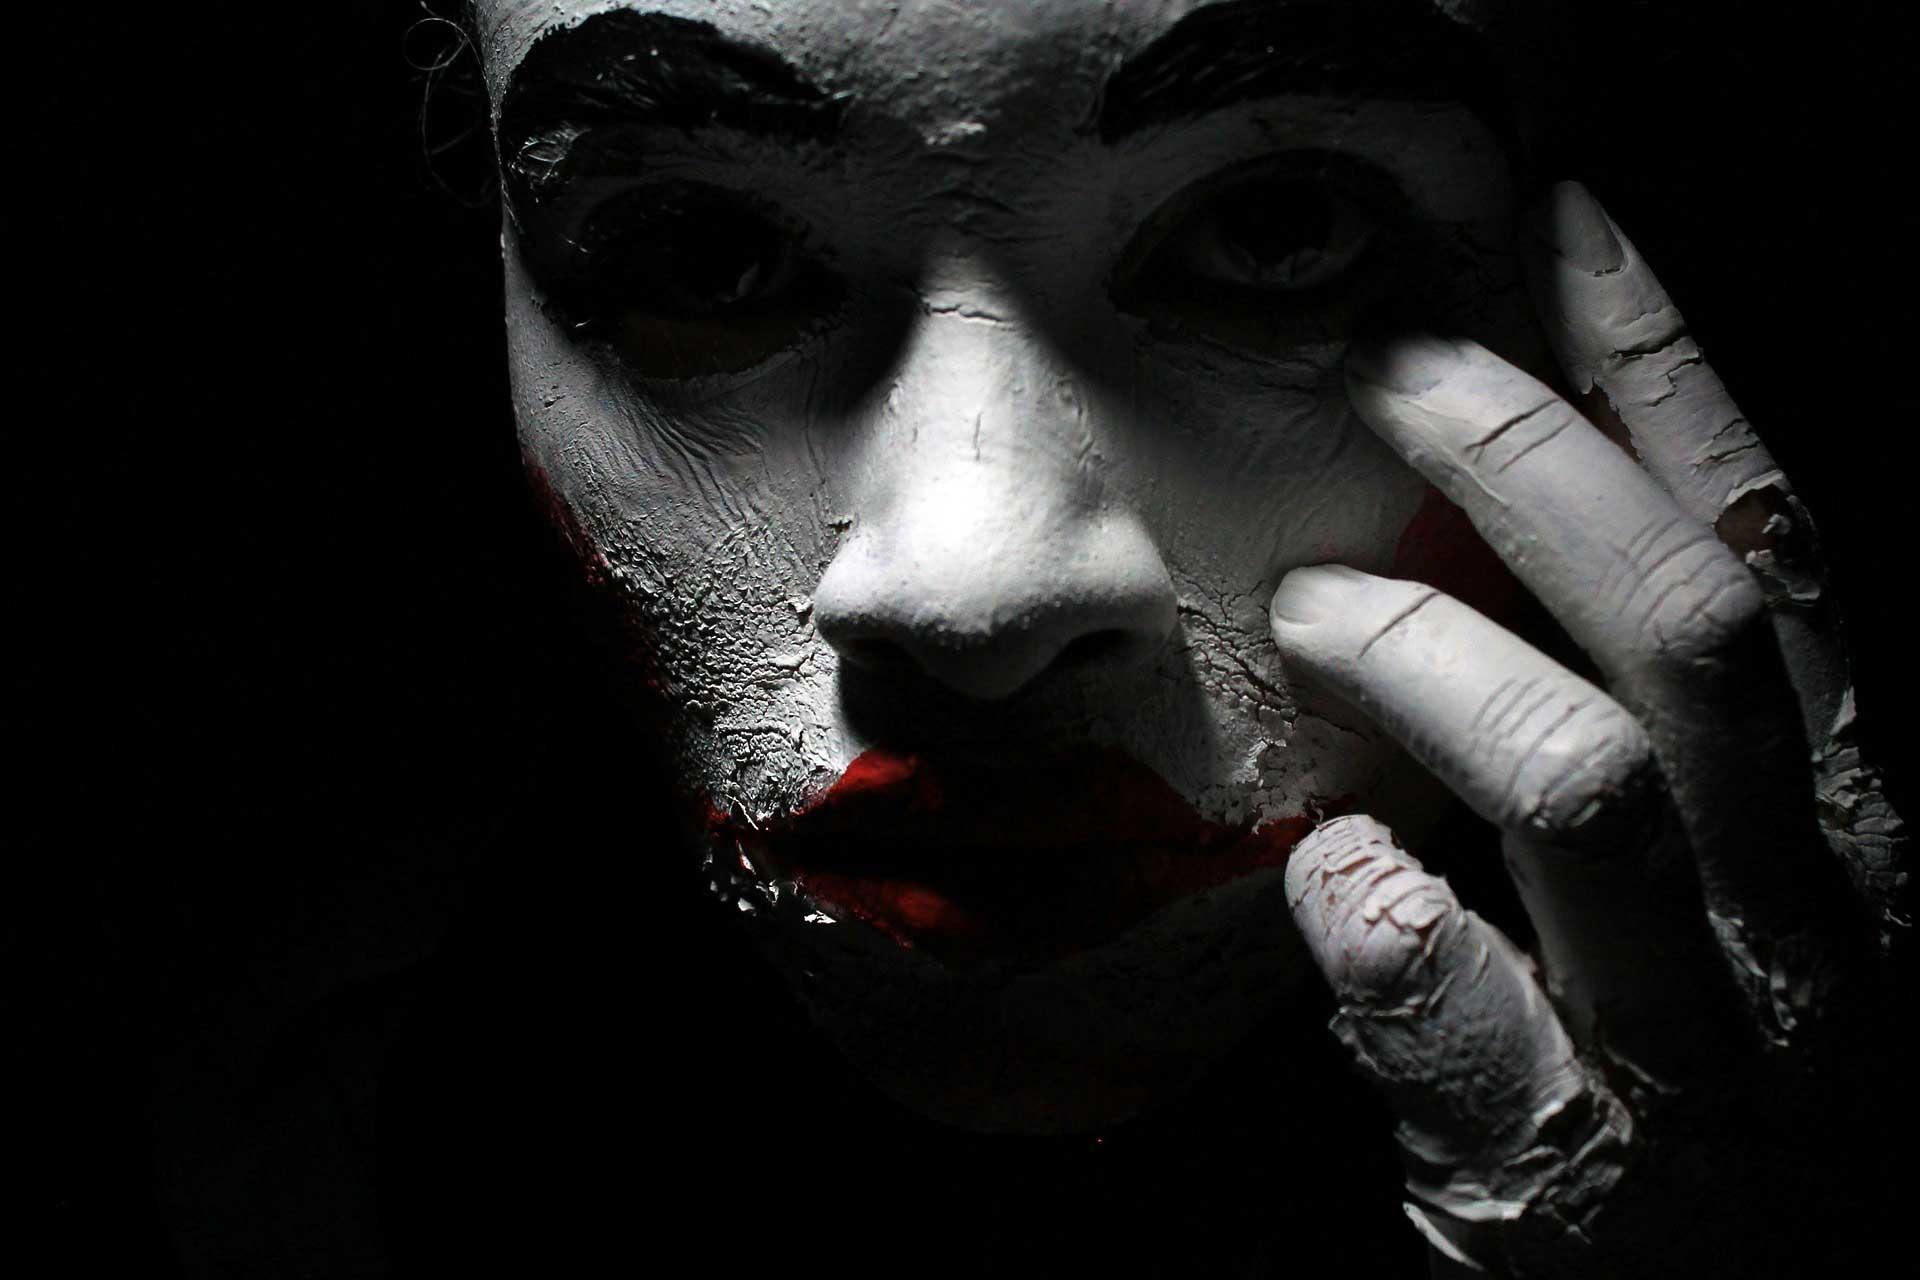 Joker gibi kotu karakter.